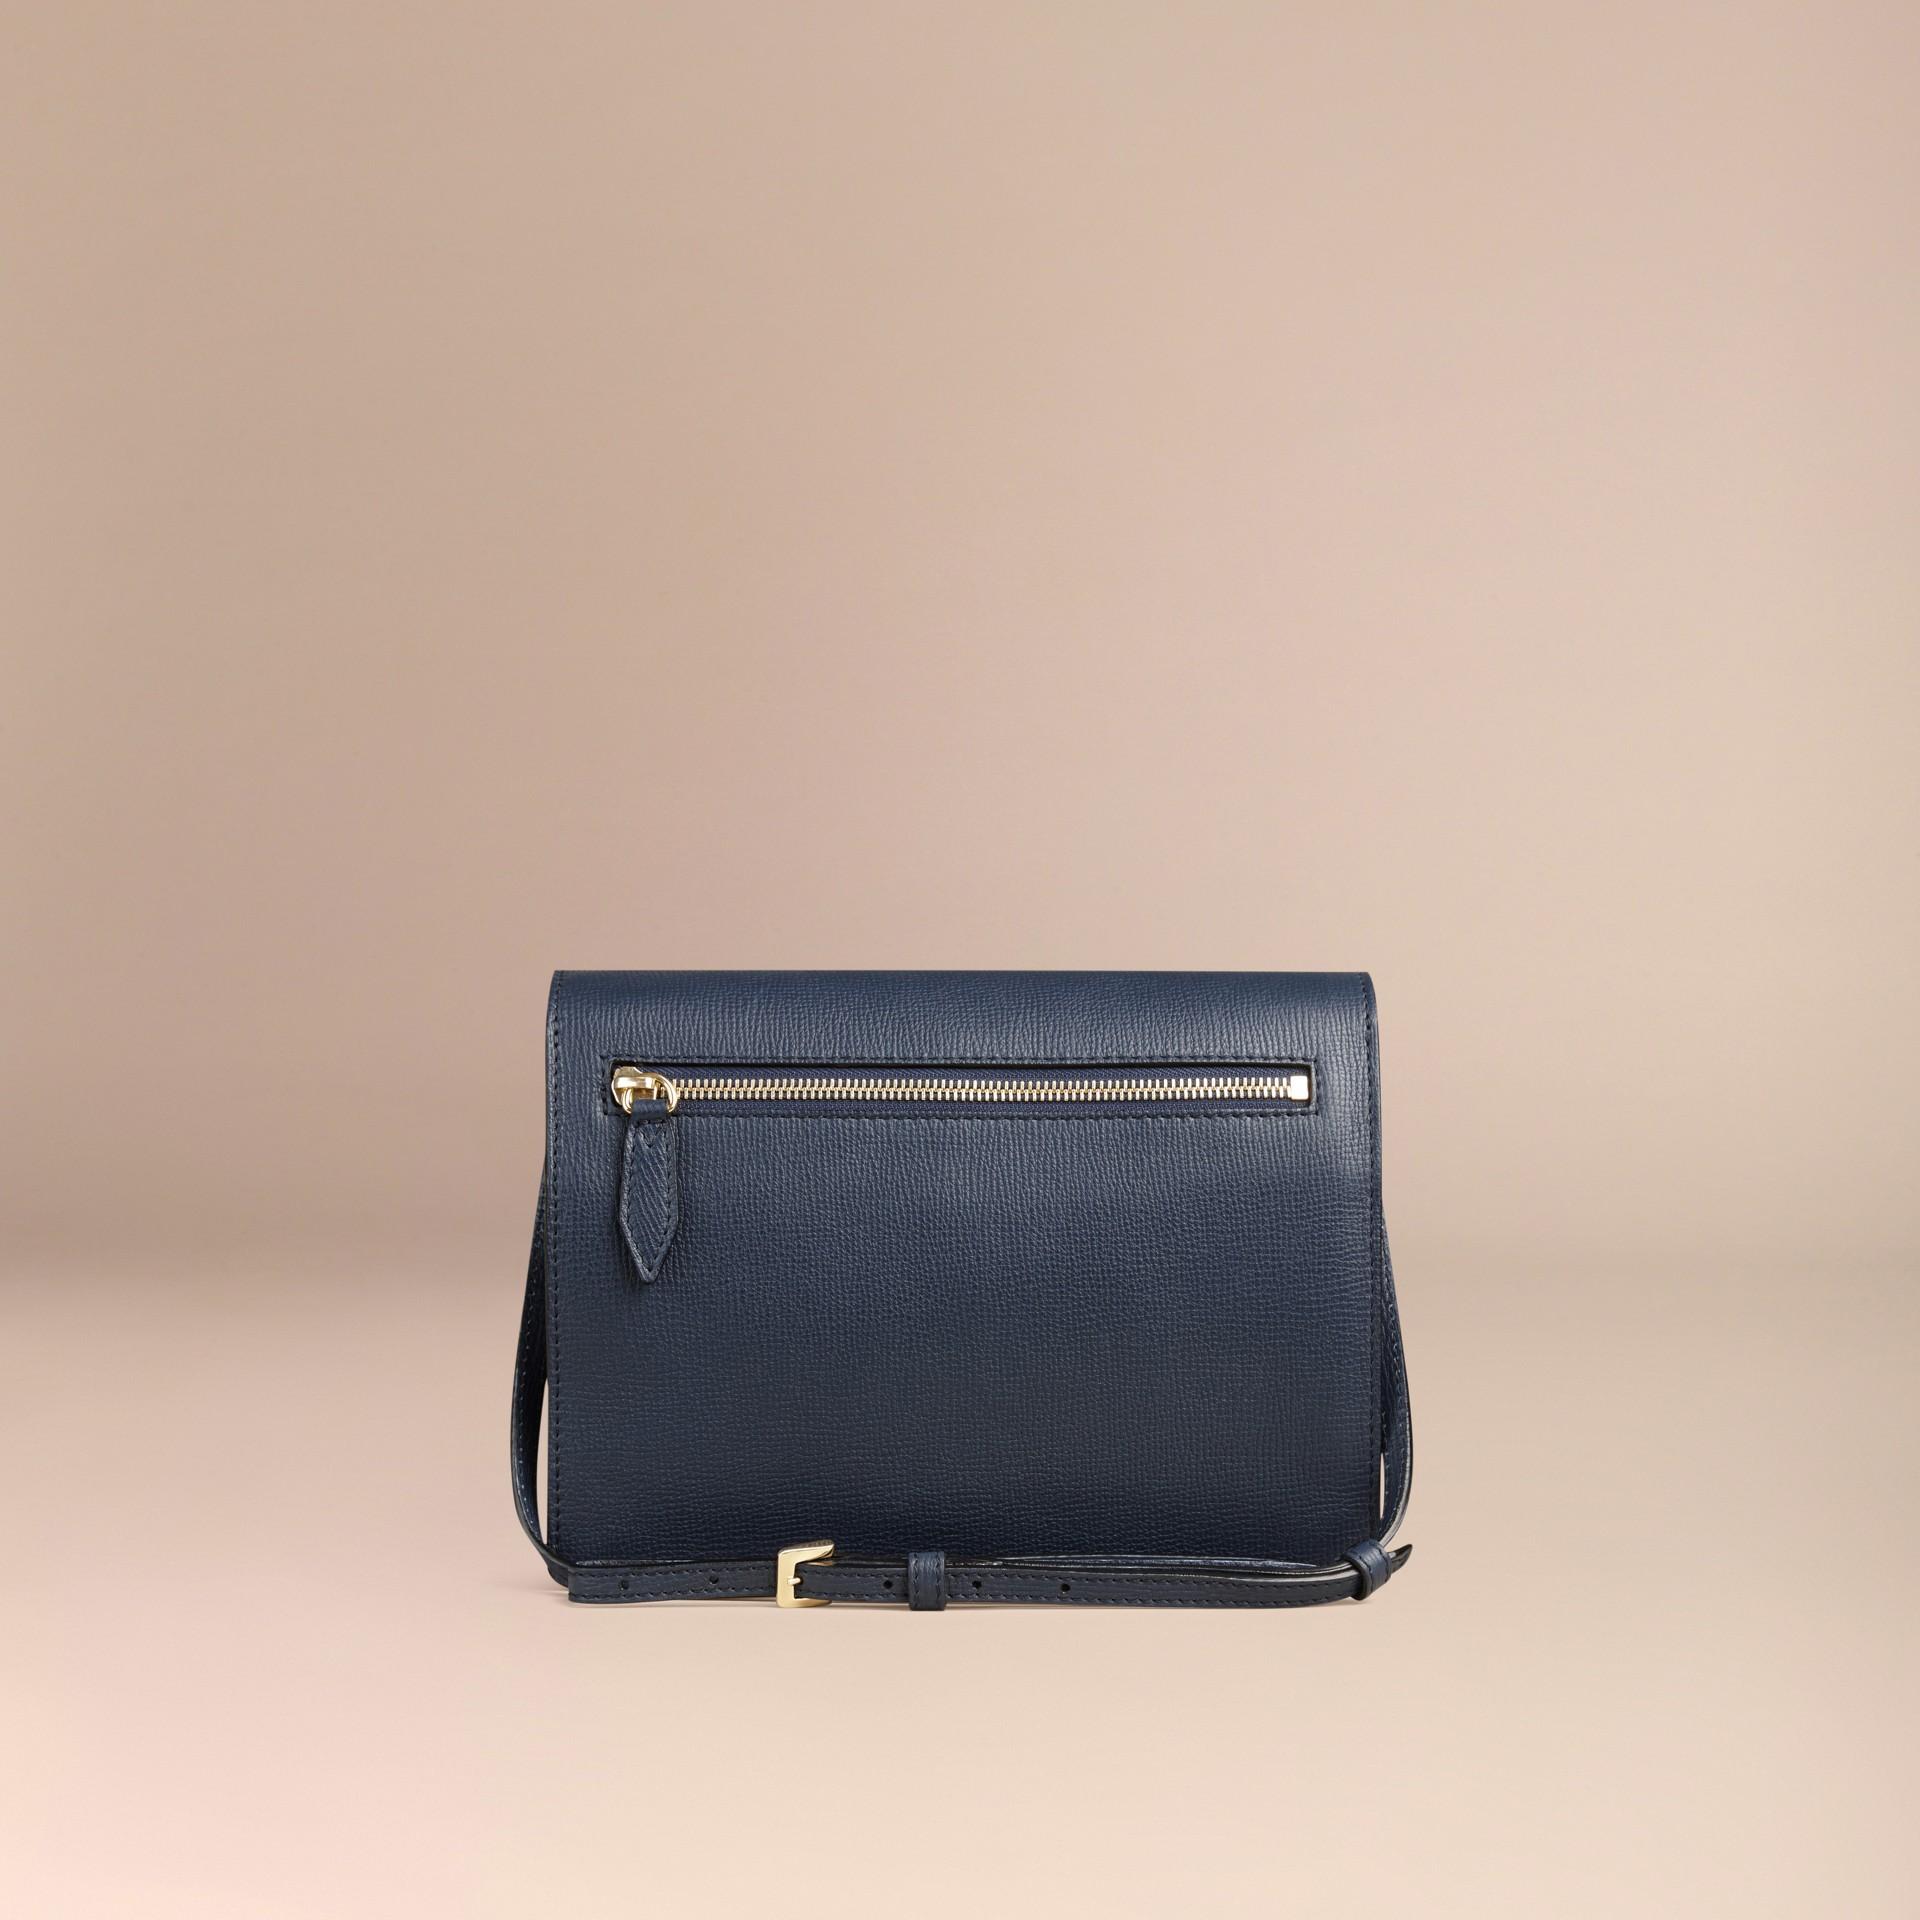 Tintenblau Kleine Crossbody-Tasche aus Leder und House Check-Gewebe Tintenblau - Galerie-Bild 4